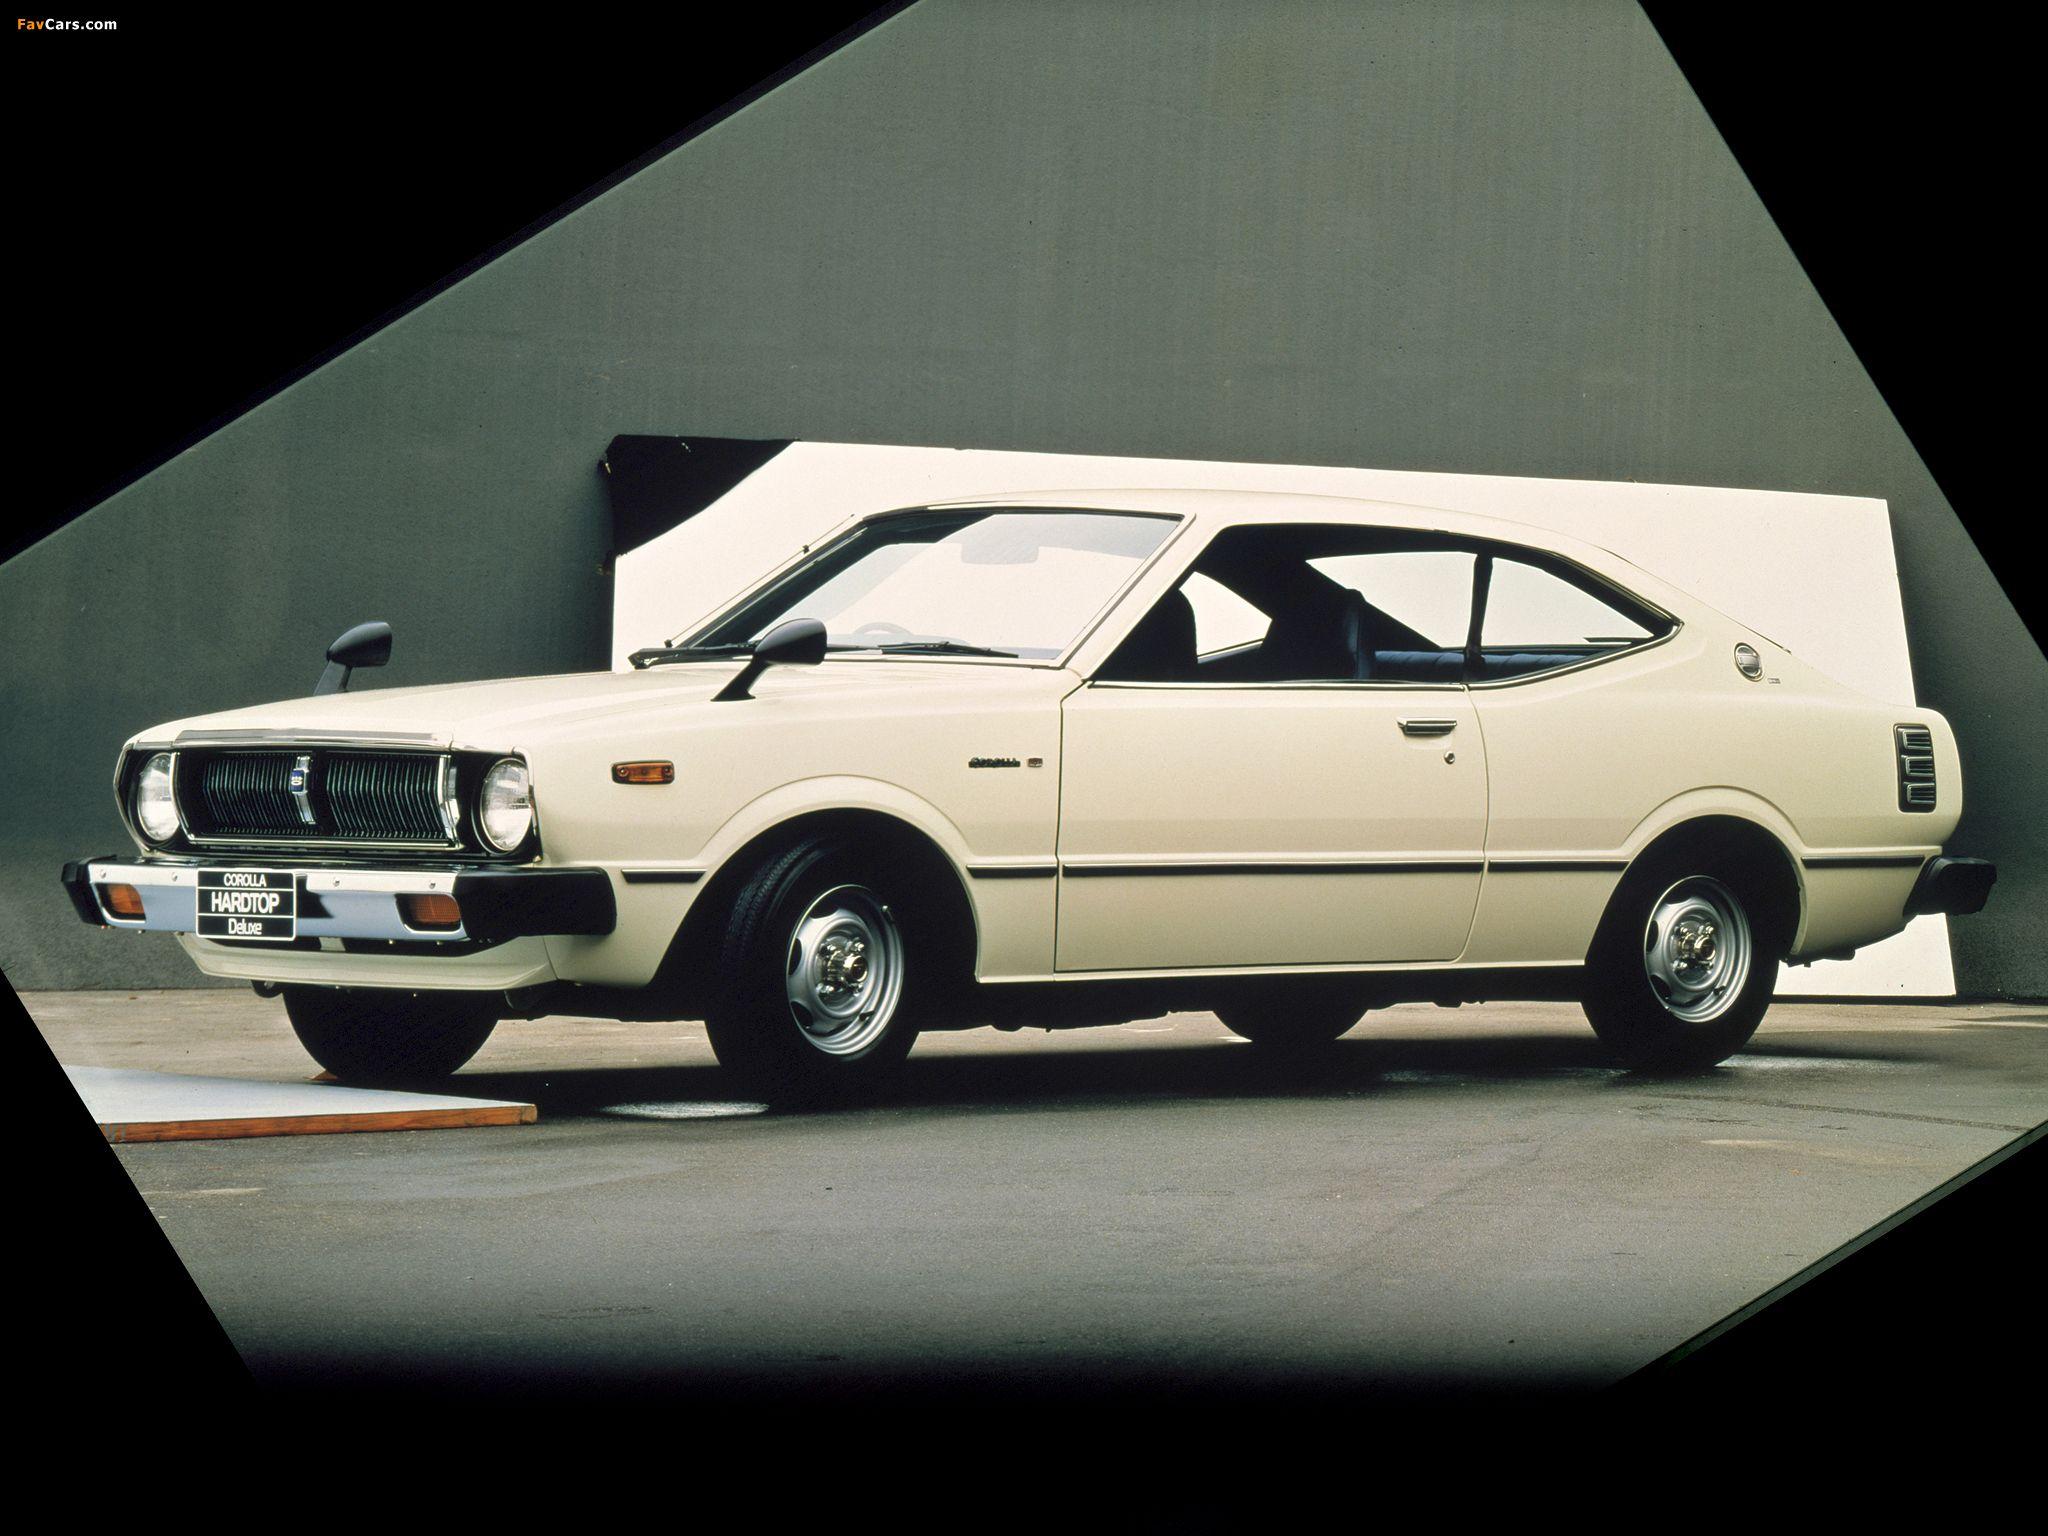 Toyota corolla hardtop coupe e37 1974 1979